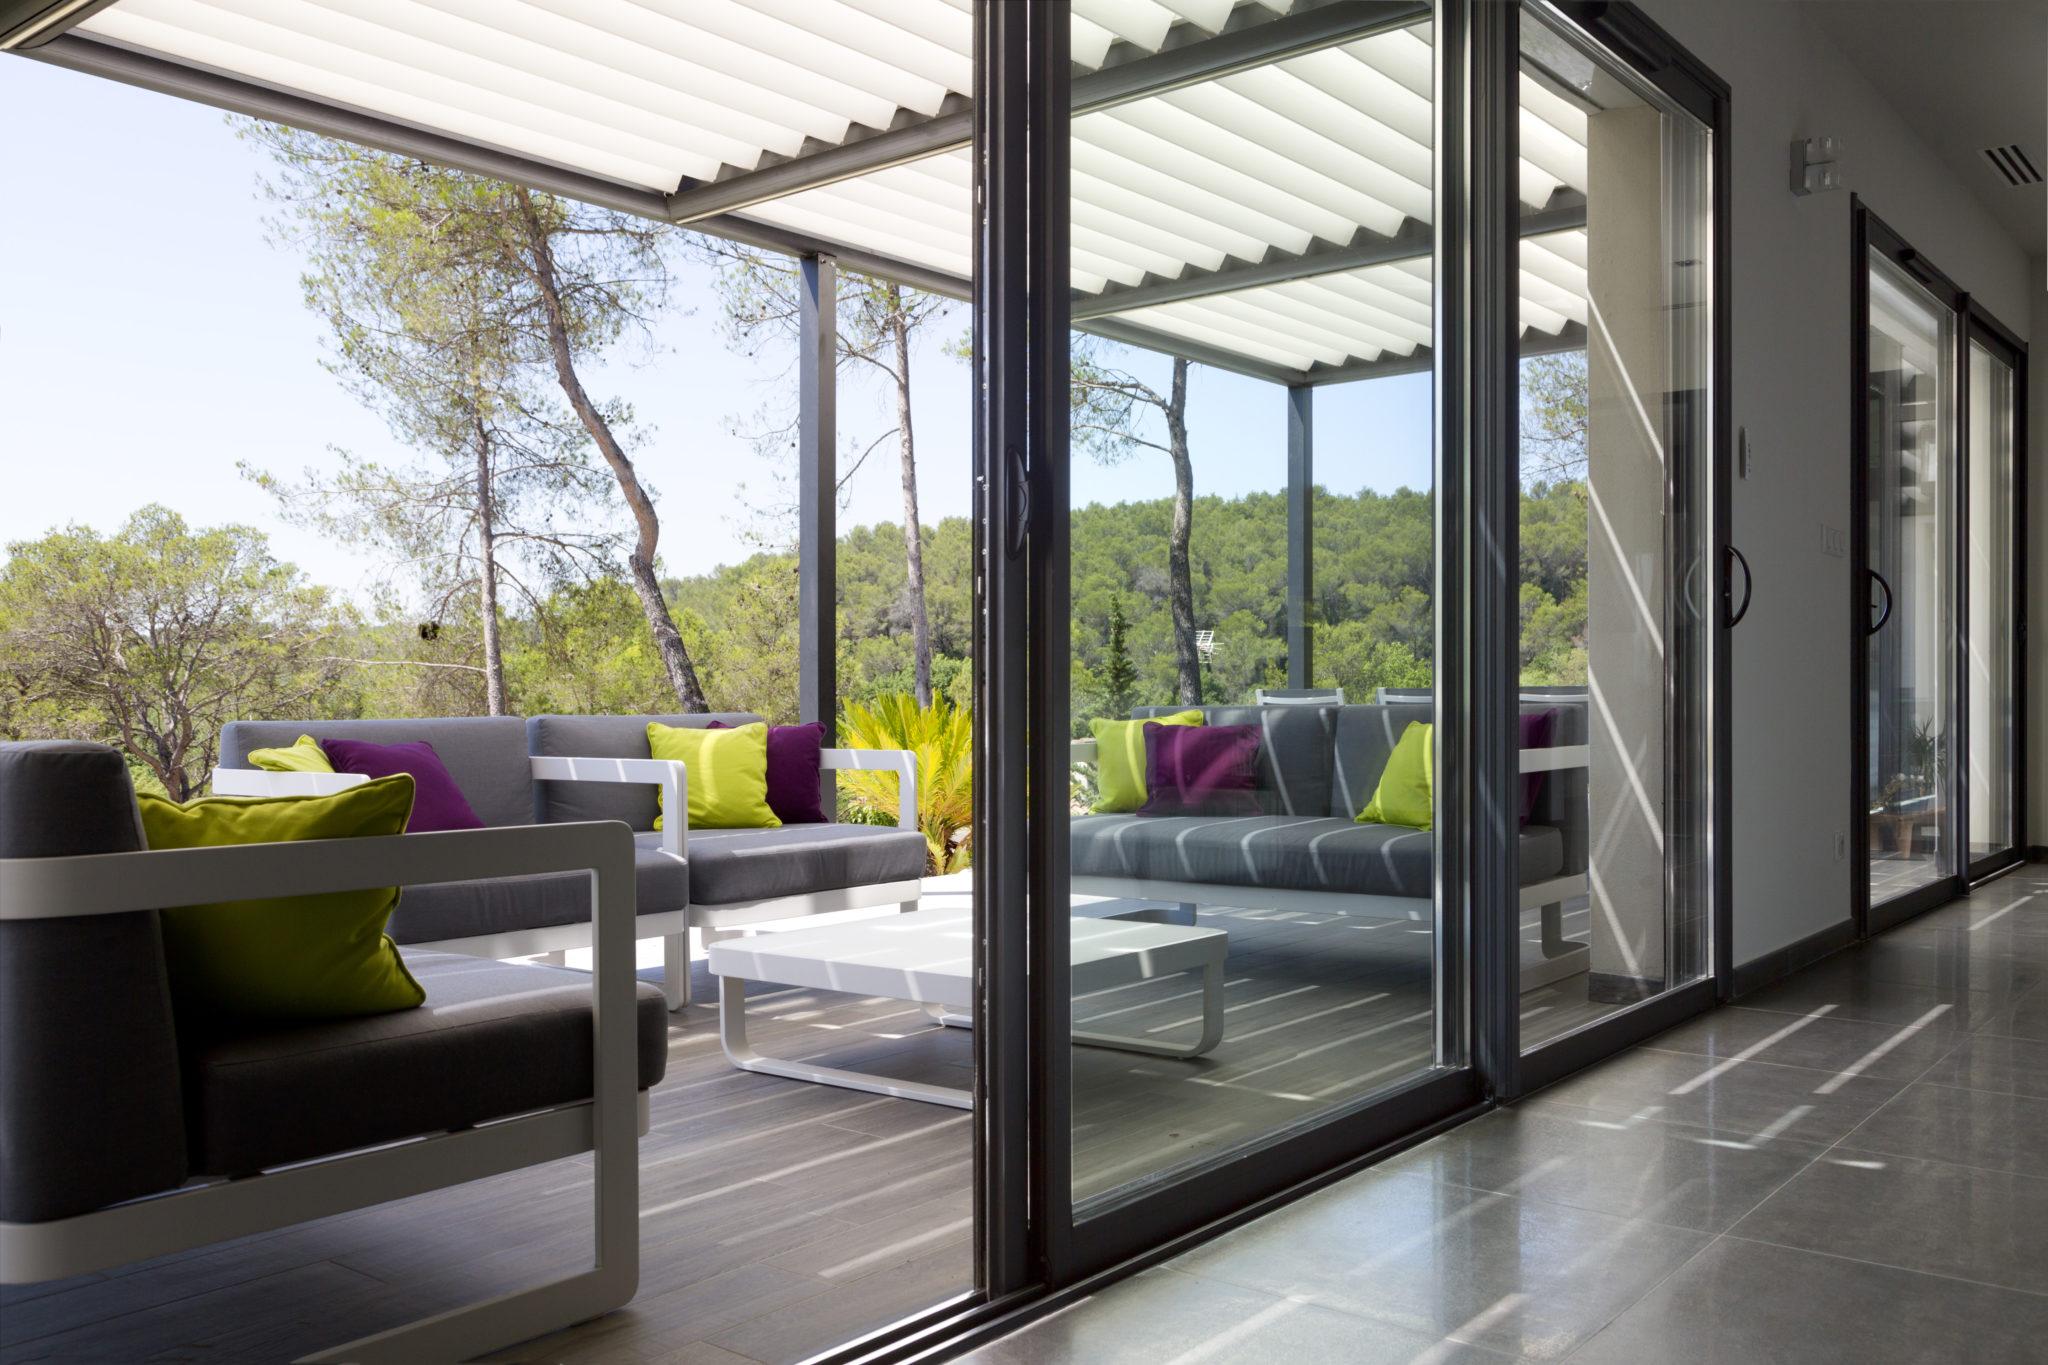 lumi re naturelle mas provence clairage naturel de la maison. Black Bedroom Furniture Sets. Home Design Ideas